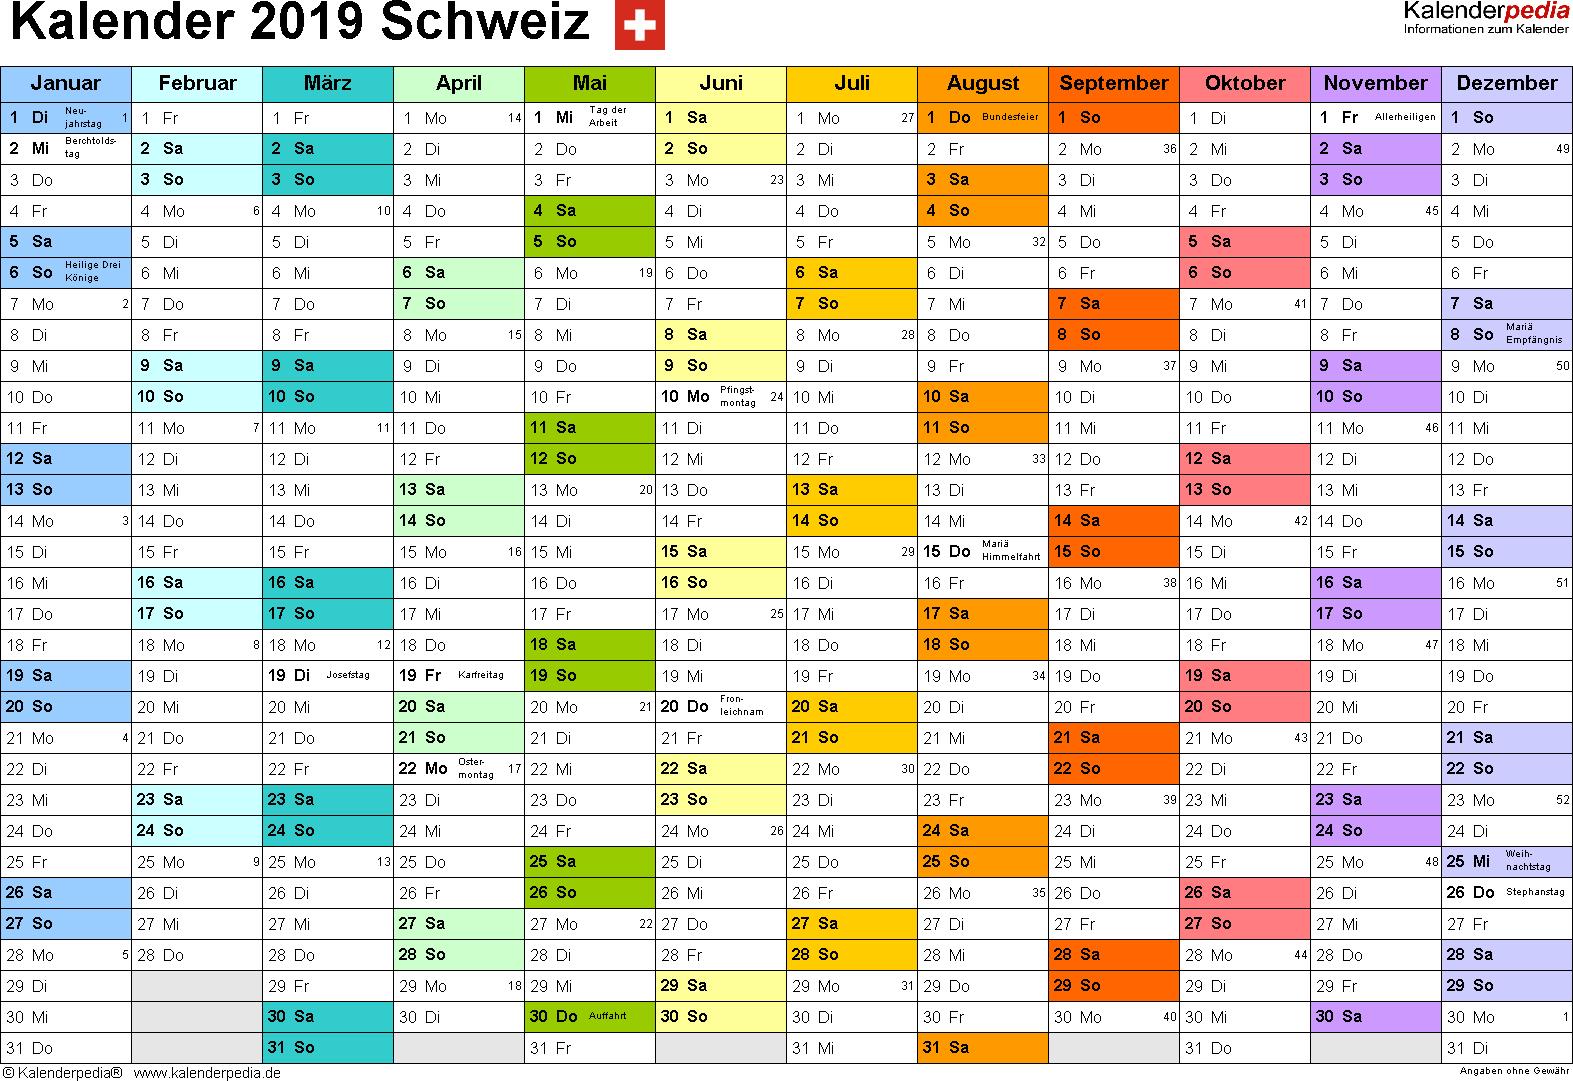 Vorlage 1: Kalender 2019 für die <span style=white-space:nowrap;>Schweiz als PDF-Datei, Querformat, 1 Seite, Monate nebeneinander, jeder Monate in anderer Farbe